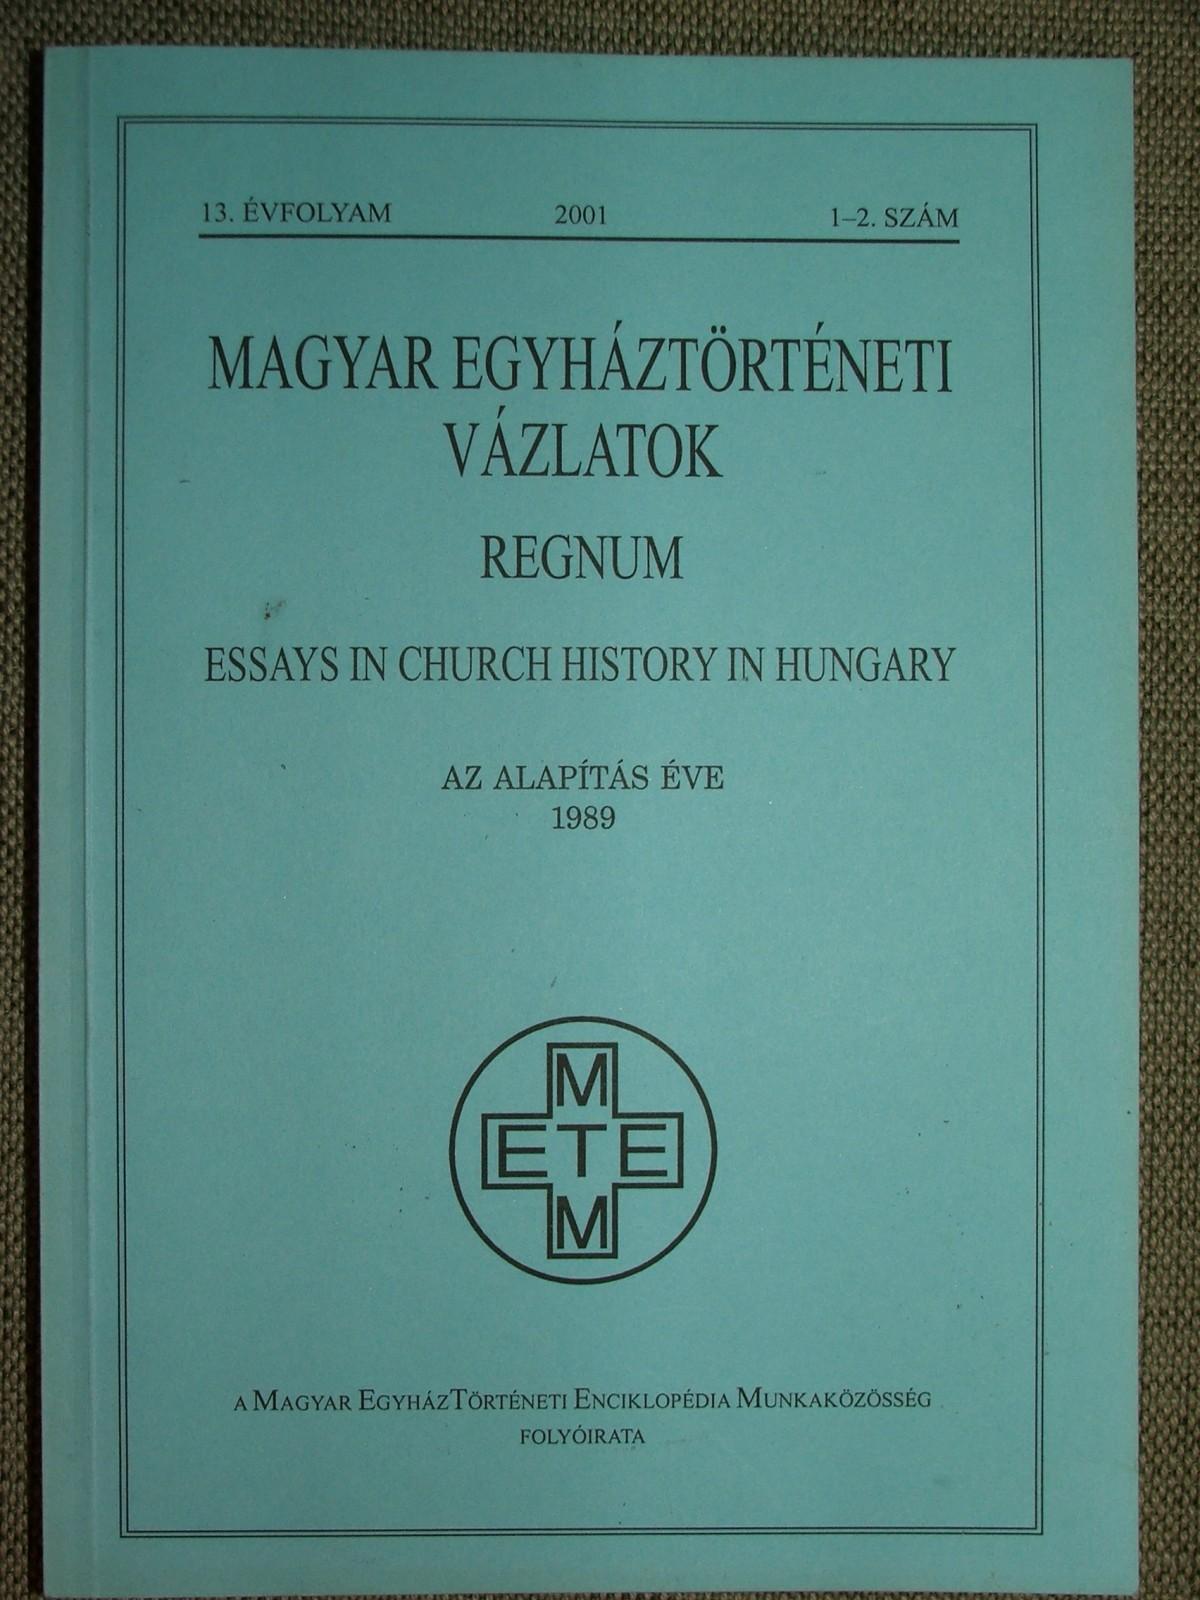 Magyar Egyháztörténeti vázlatok 2001/1-2